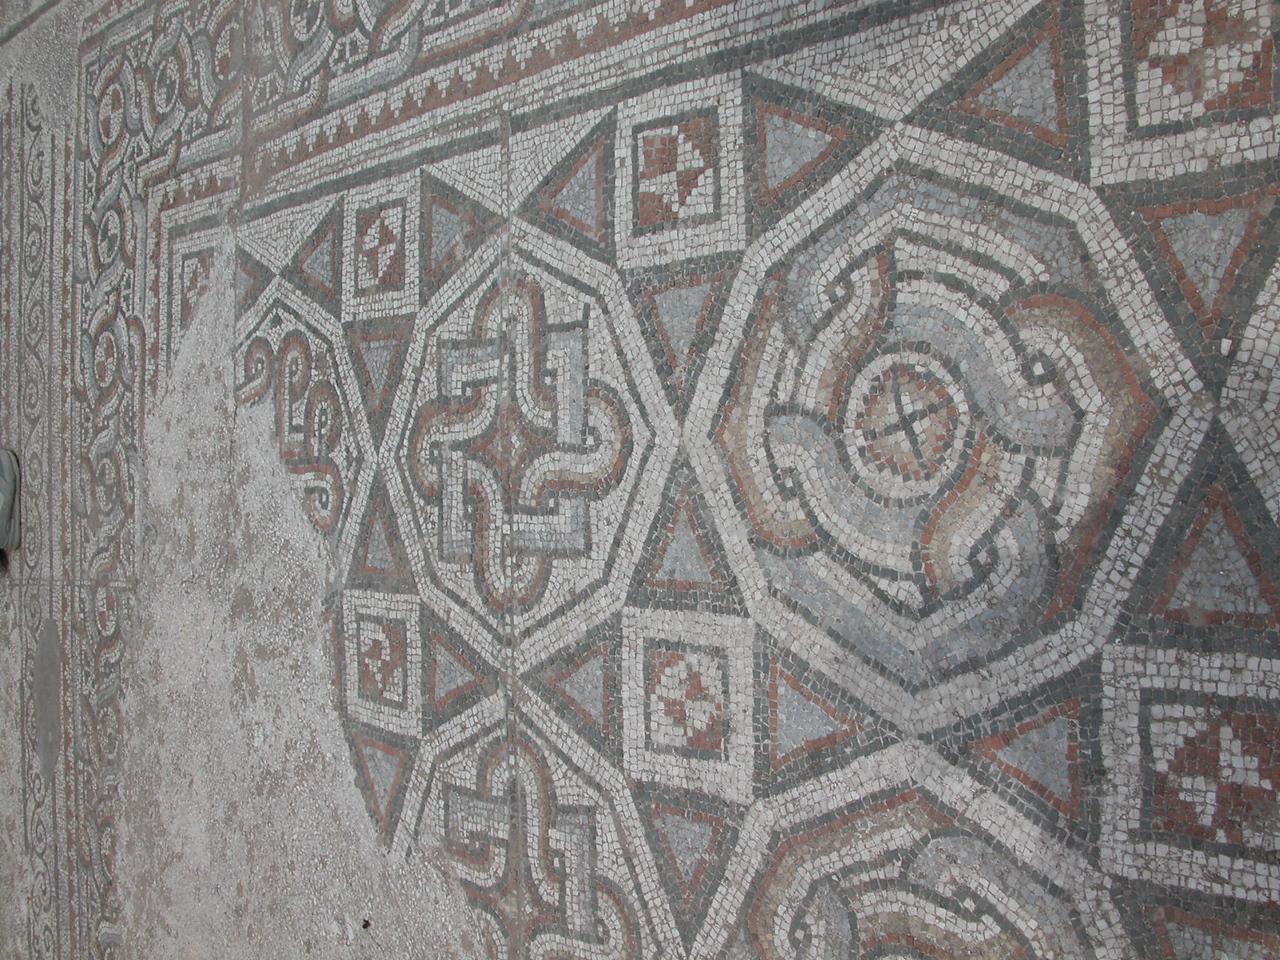 atrium decorated in mosaics